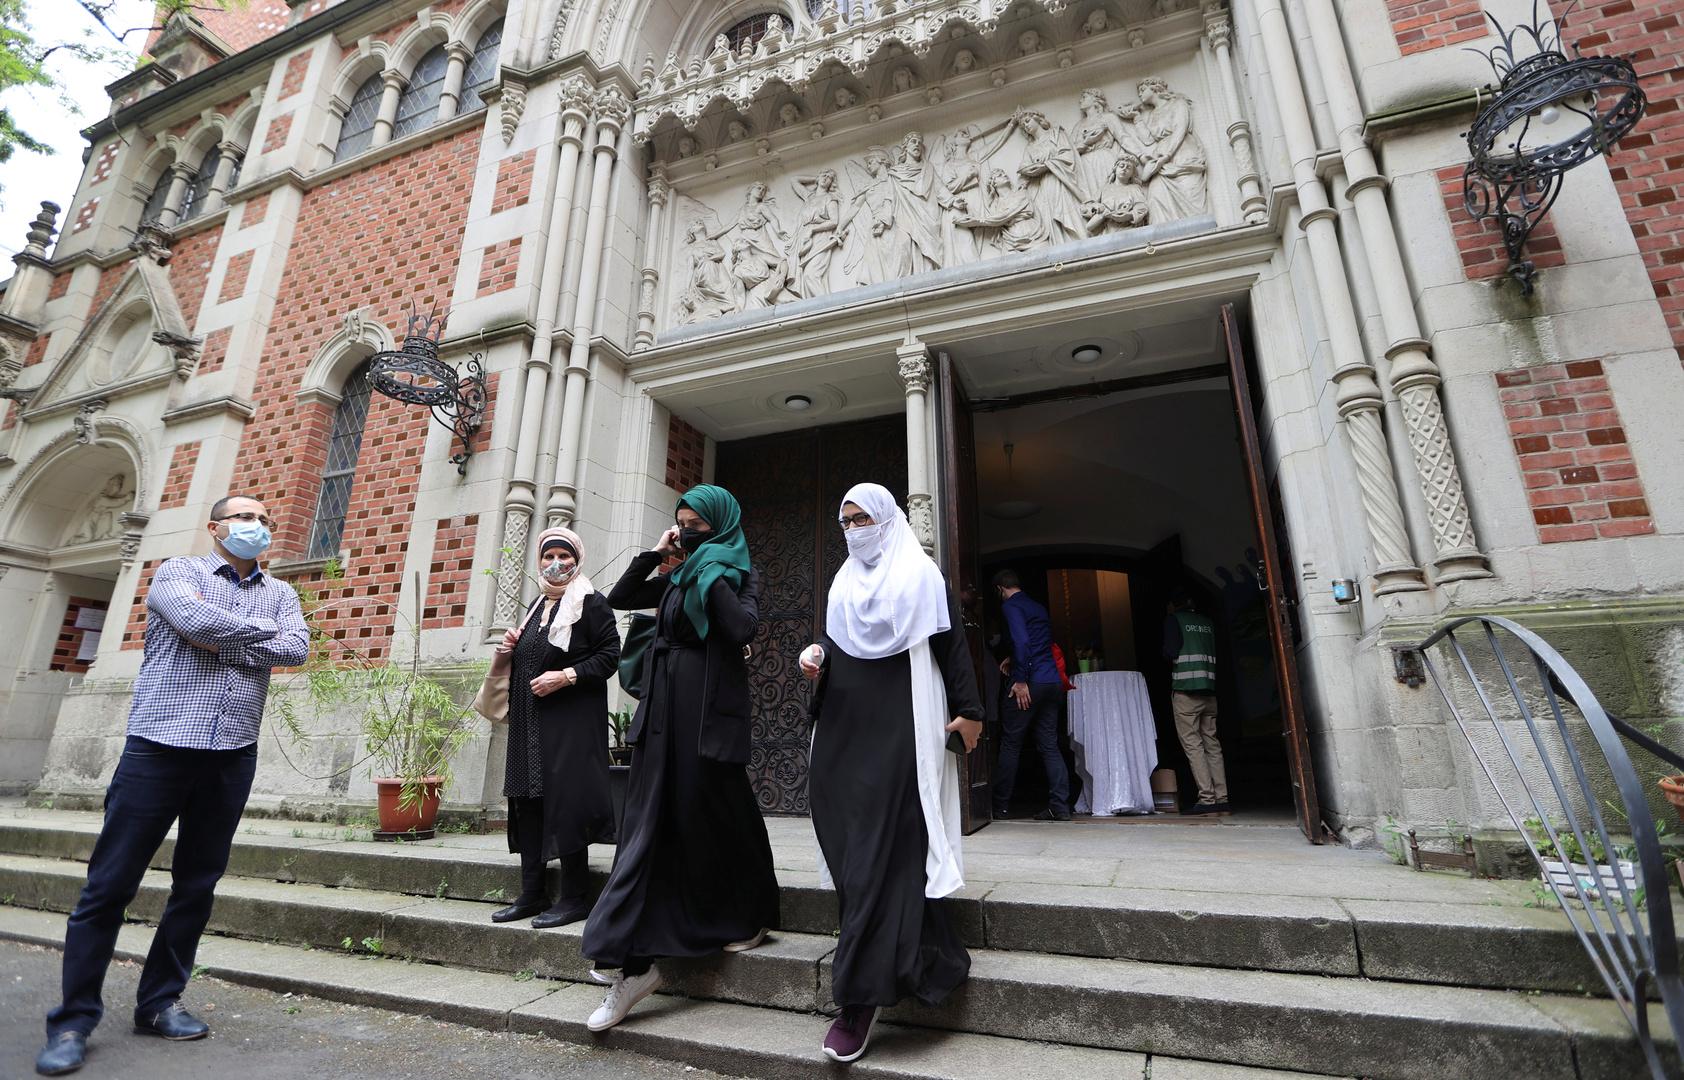 بالصور.. كنيسة في برلين تستضيف المسلمين لأداء الصلاة في ظل كورونا